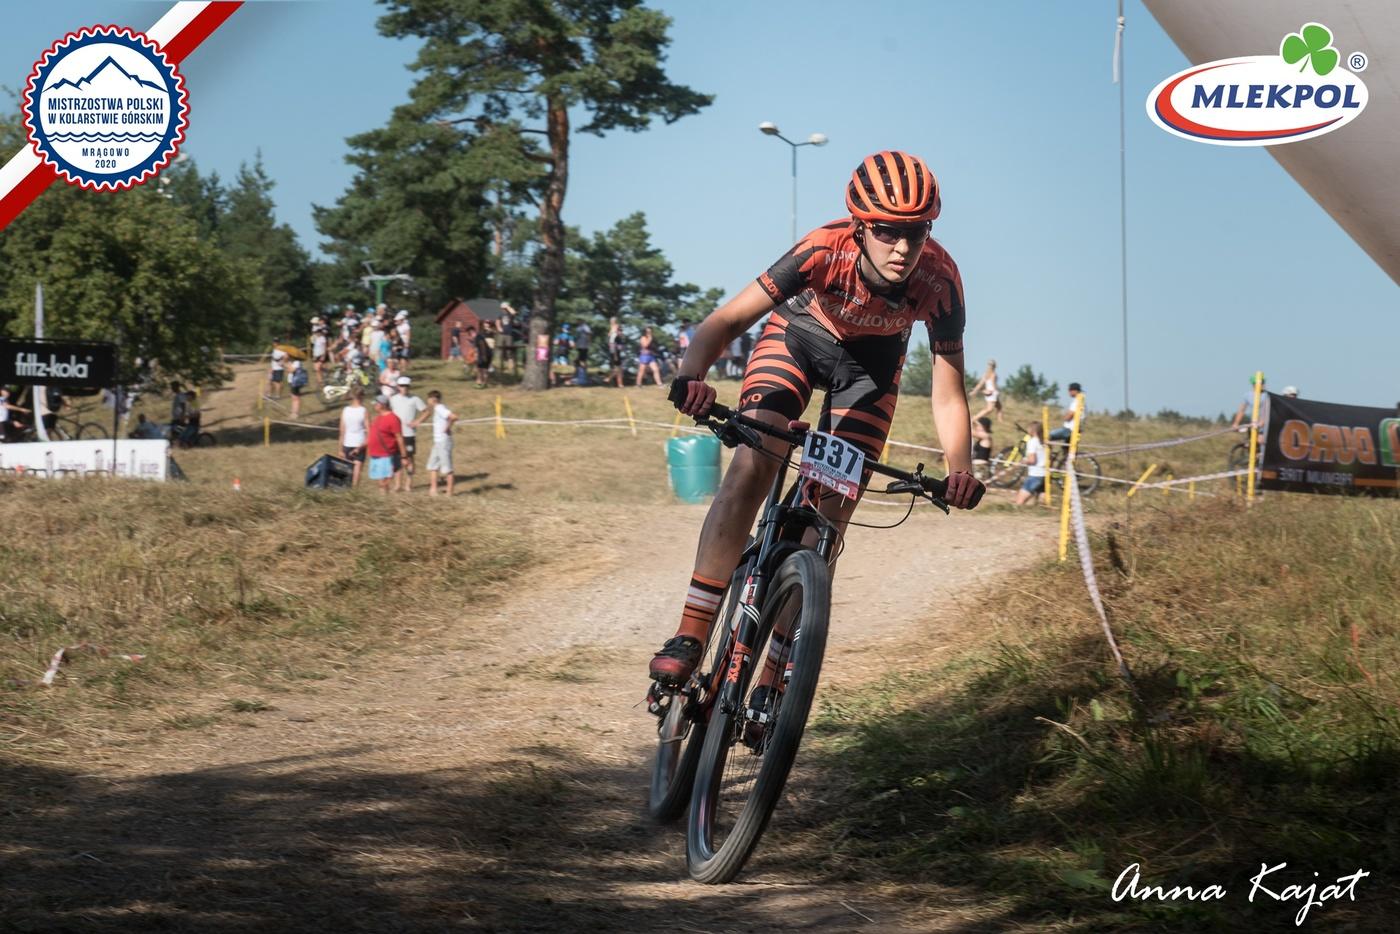 Mistrzostwa Polski w kolarstwie górskim 2020 – dzień 2